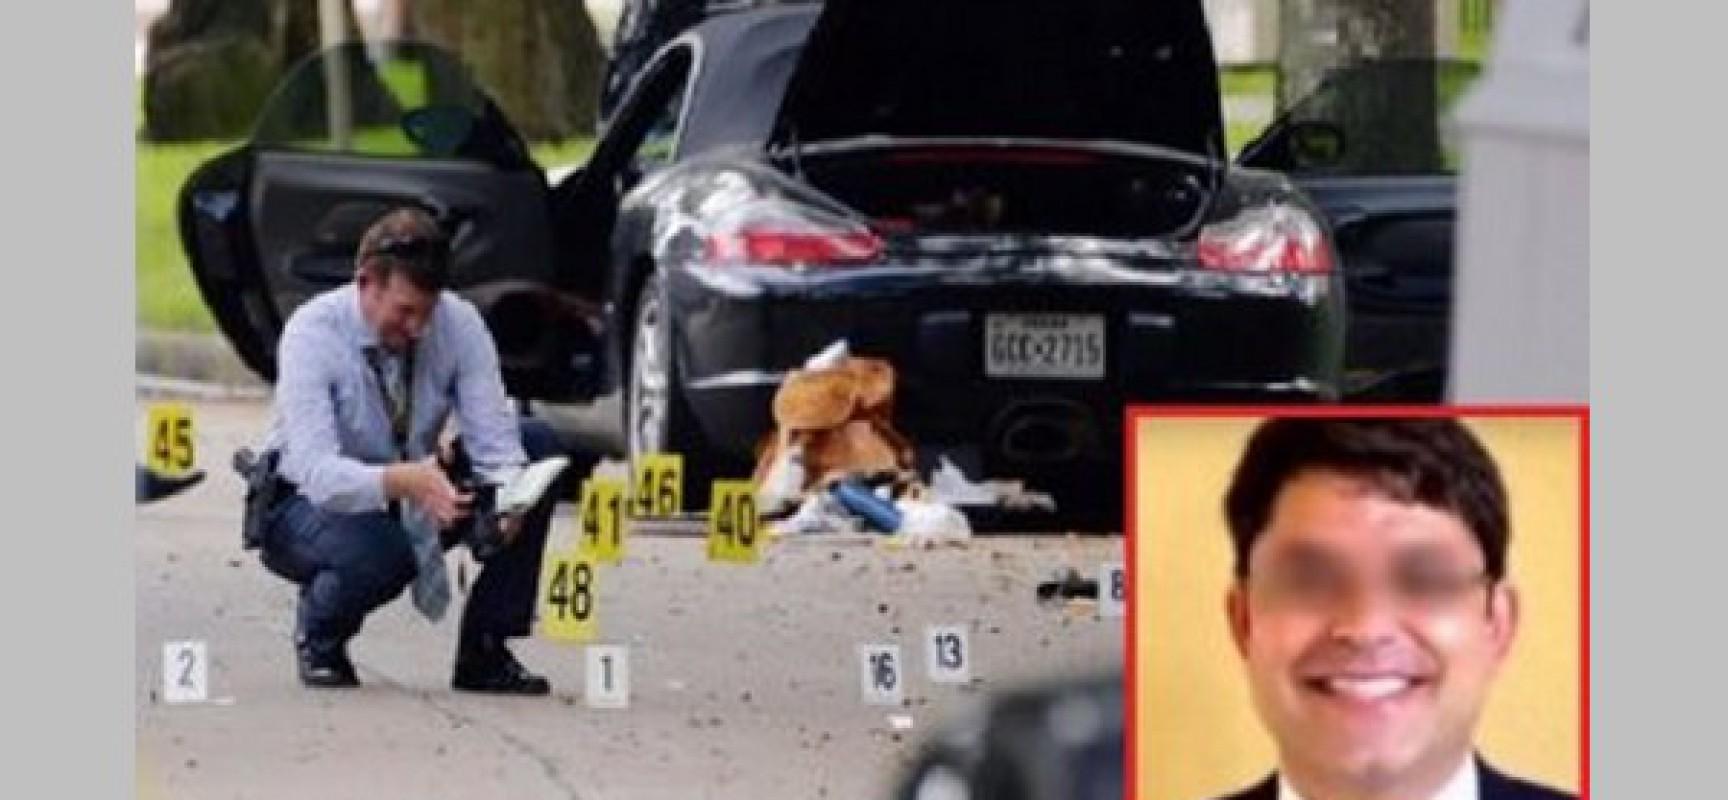 [Fusillade Houston] Le tireur à l'uniforme nazi était membre d'une fraternité juive